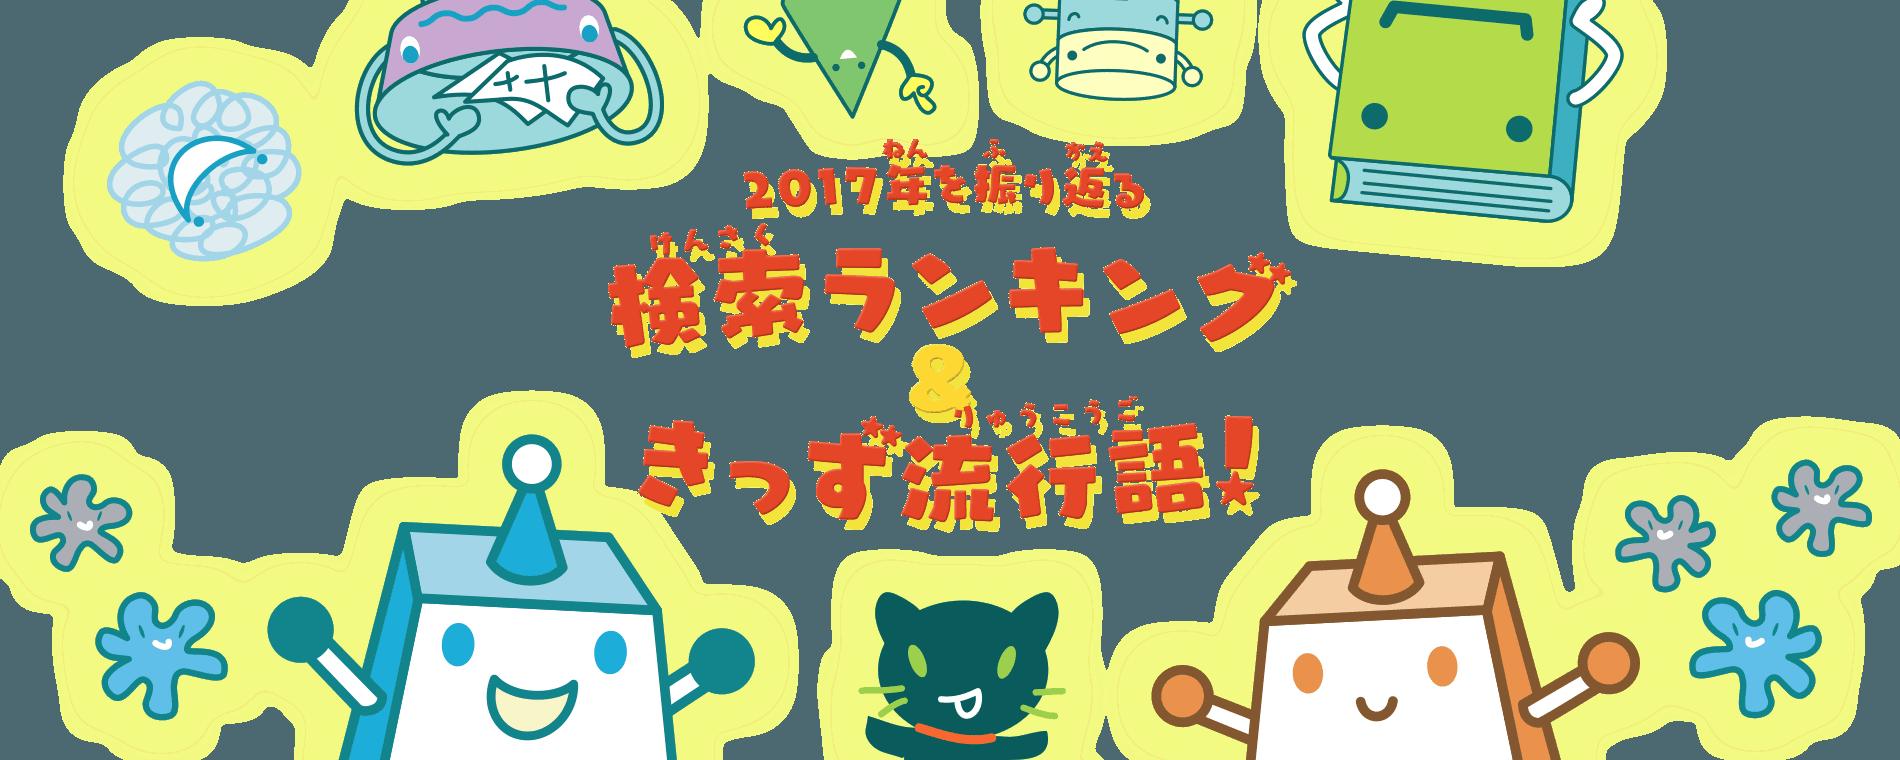 検索ランキング&きっず流行語!2017